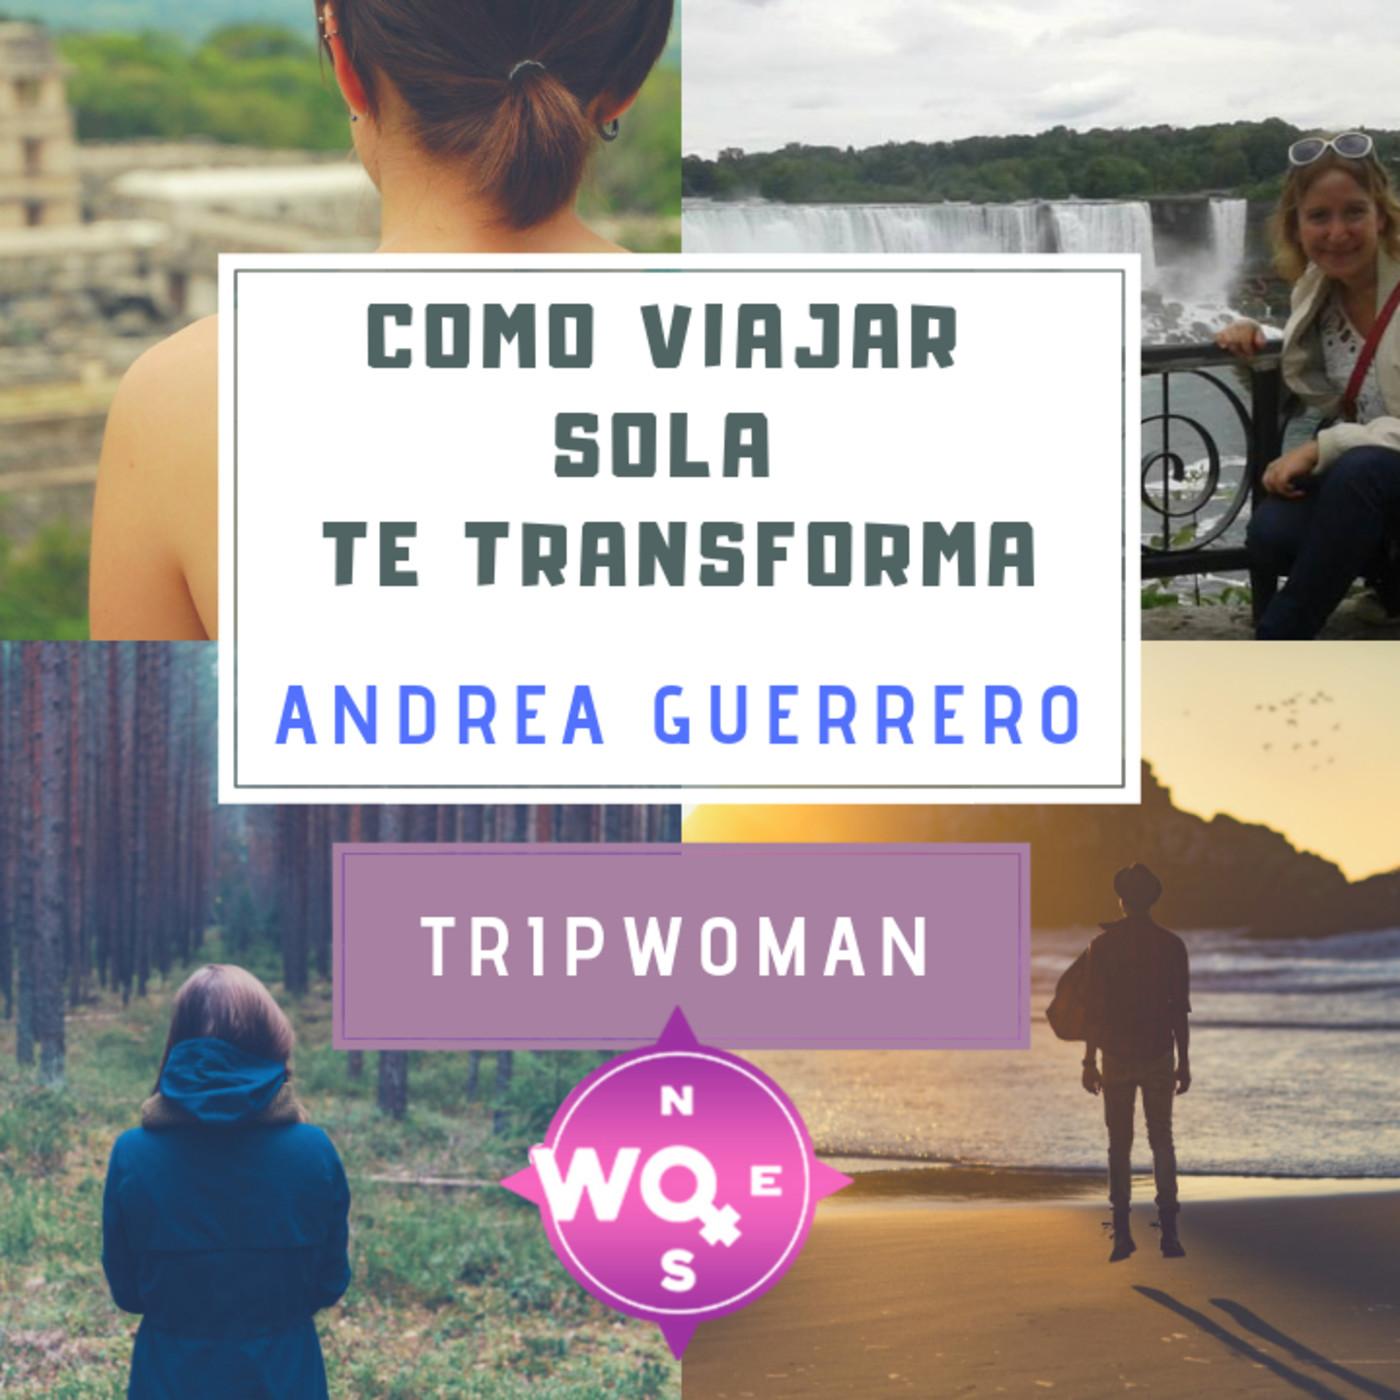 Como viajar sola te transforma (1x02)